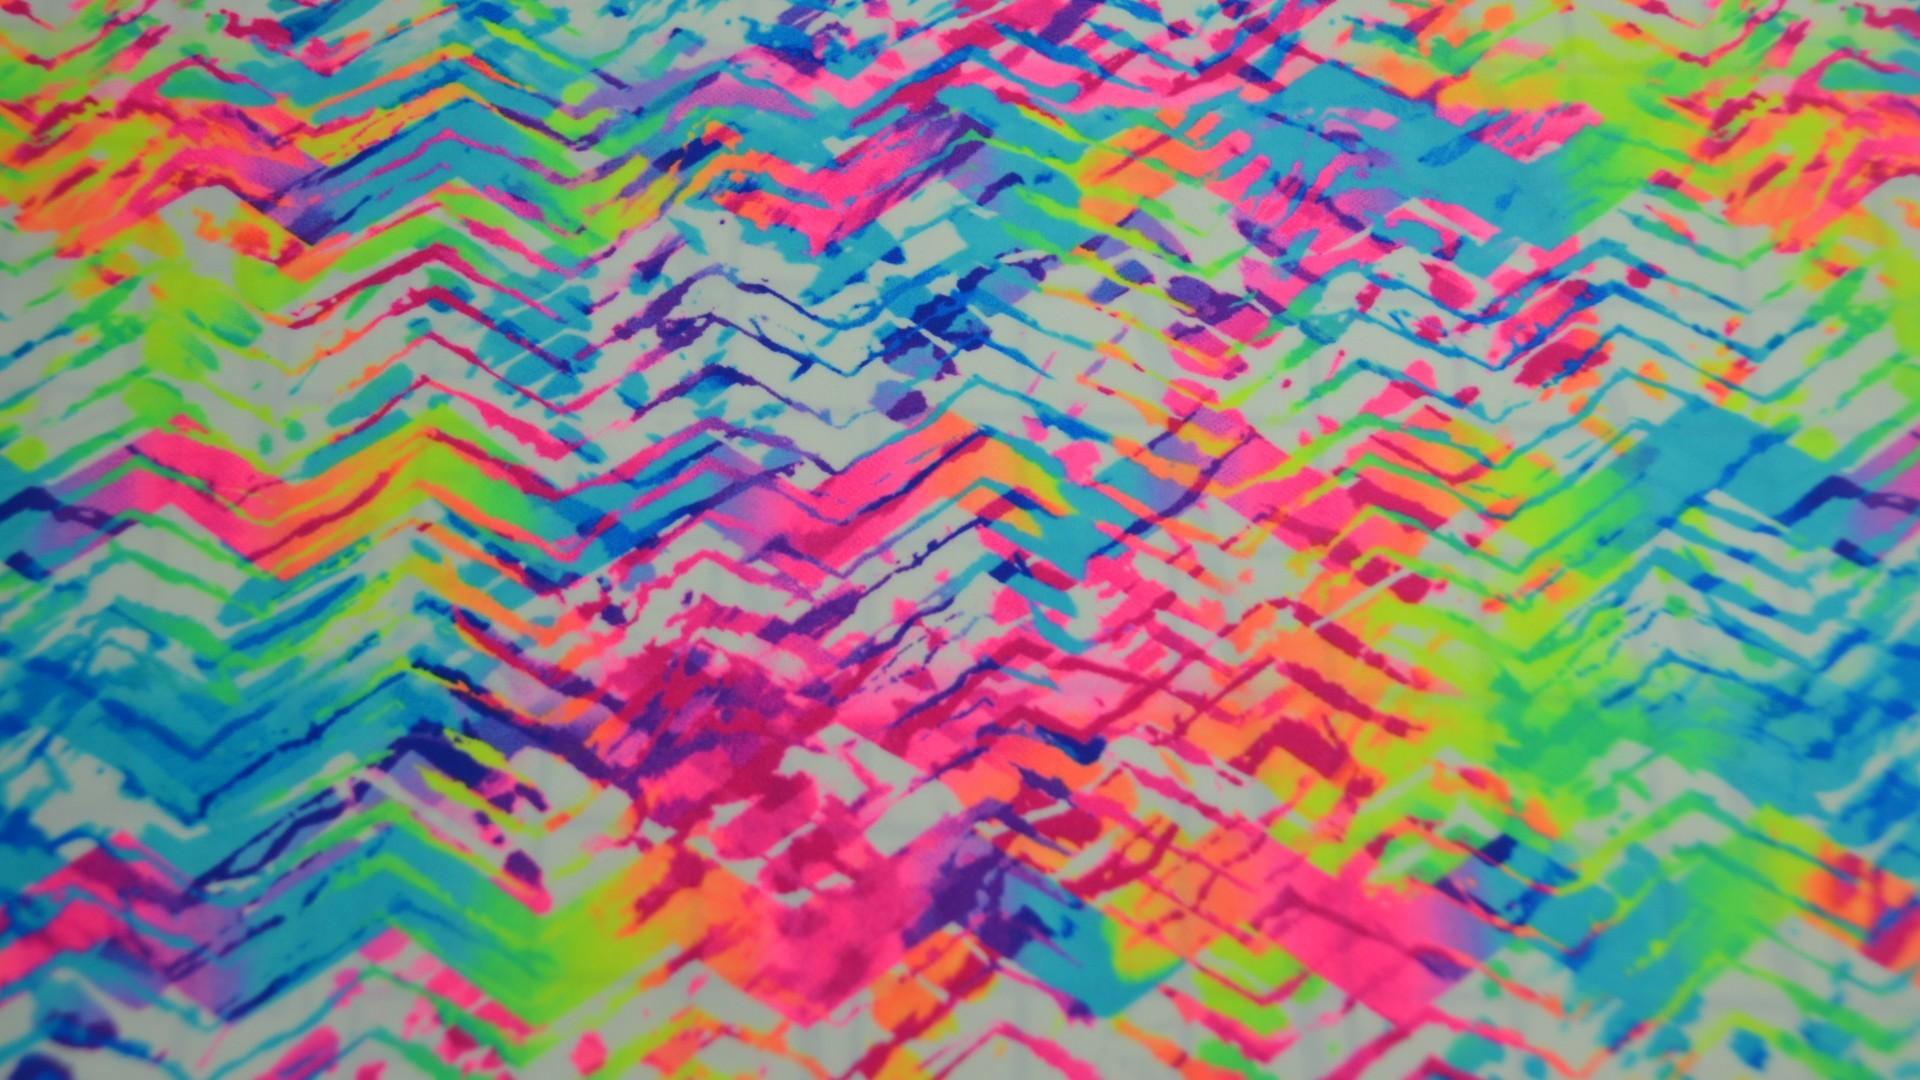 Free Tie Dye Wallpaper High Resolution – Wallpapercraft